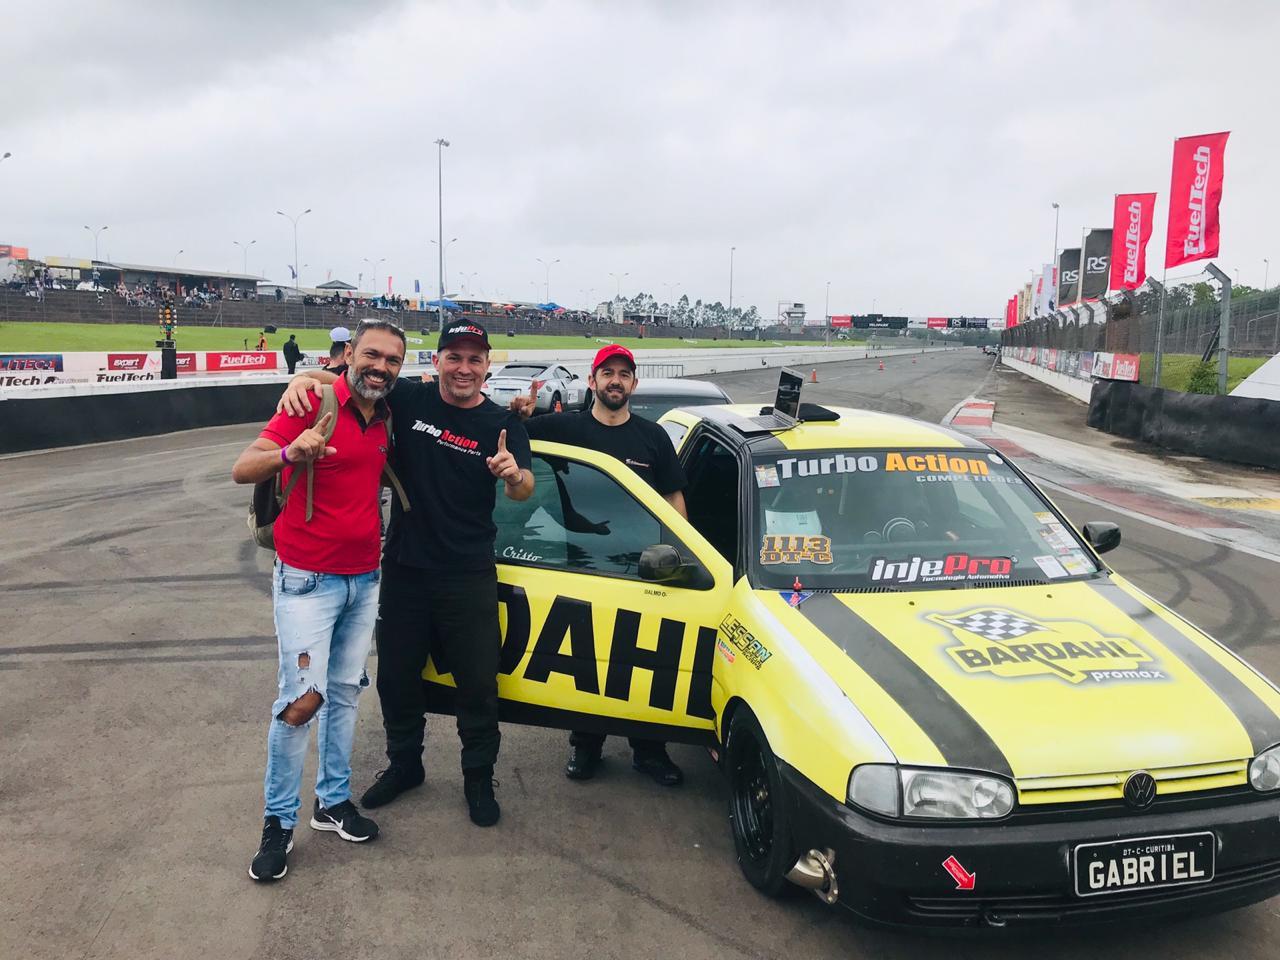 Dalmo Abreu é campeão do VP 201 Metros de Arrancada 2019 em Velopark (RS)